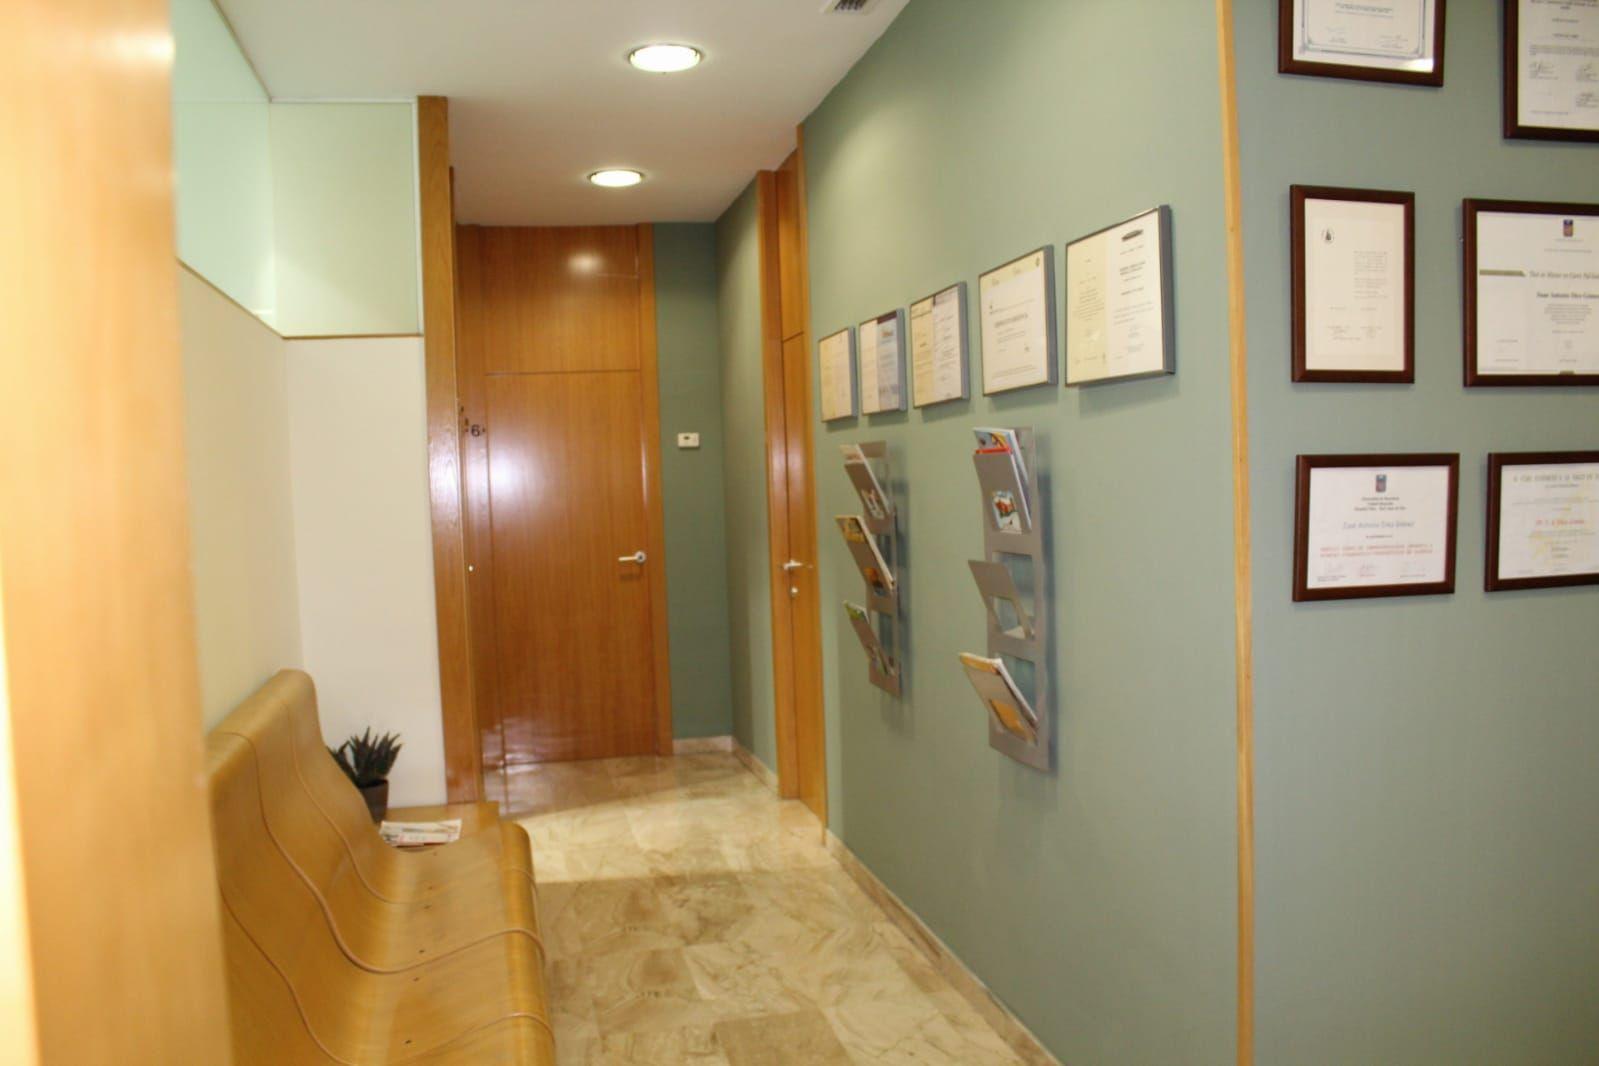 Foto 34 de Clínicas dentales en  | Centro Médico Díez Soto